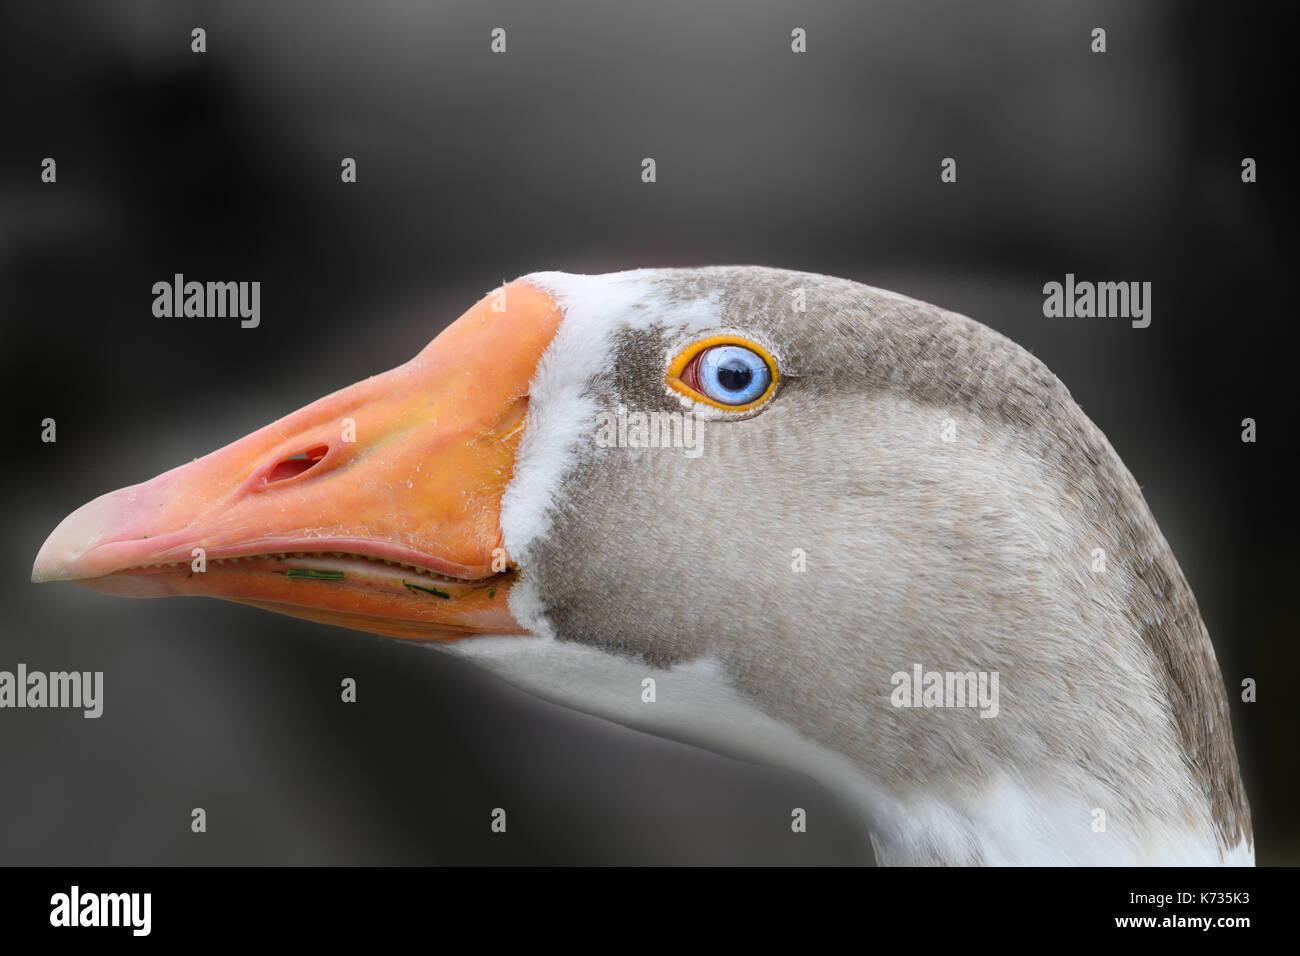 Uneasy - Stock Image